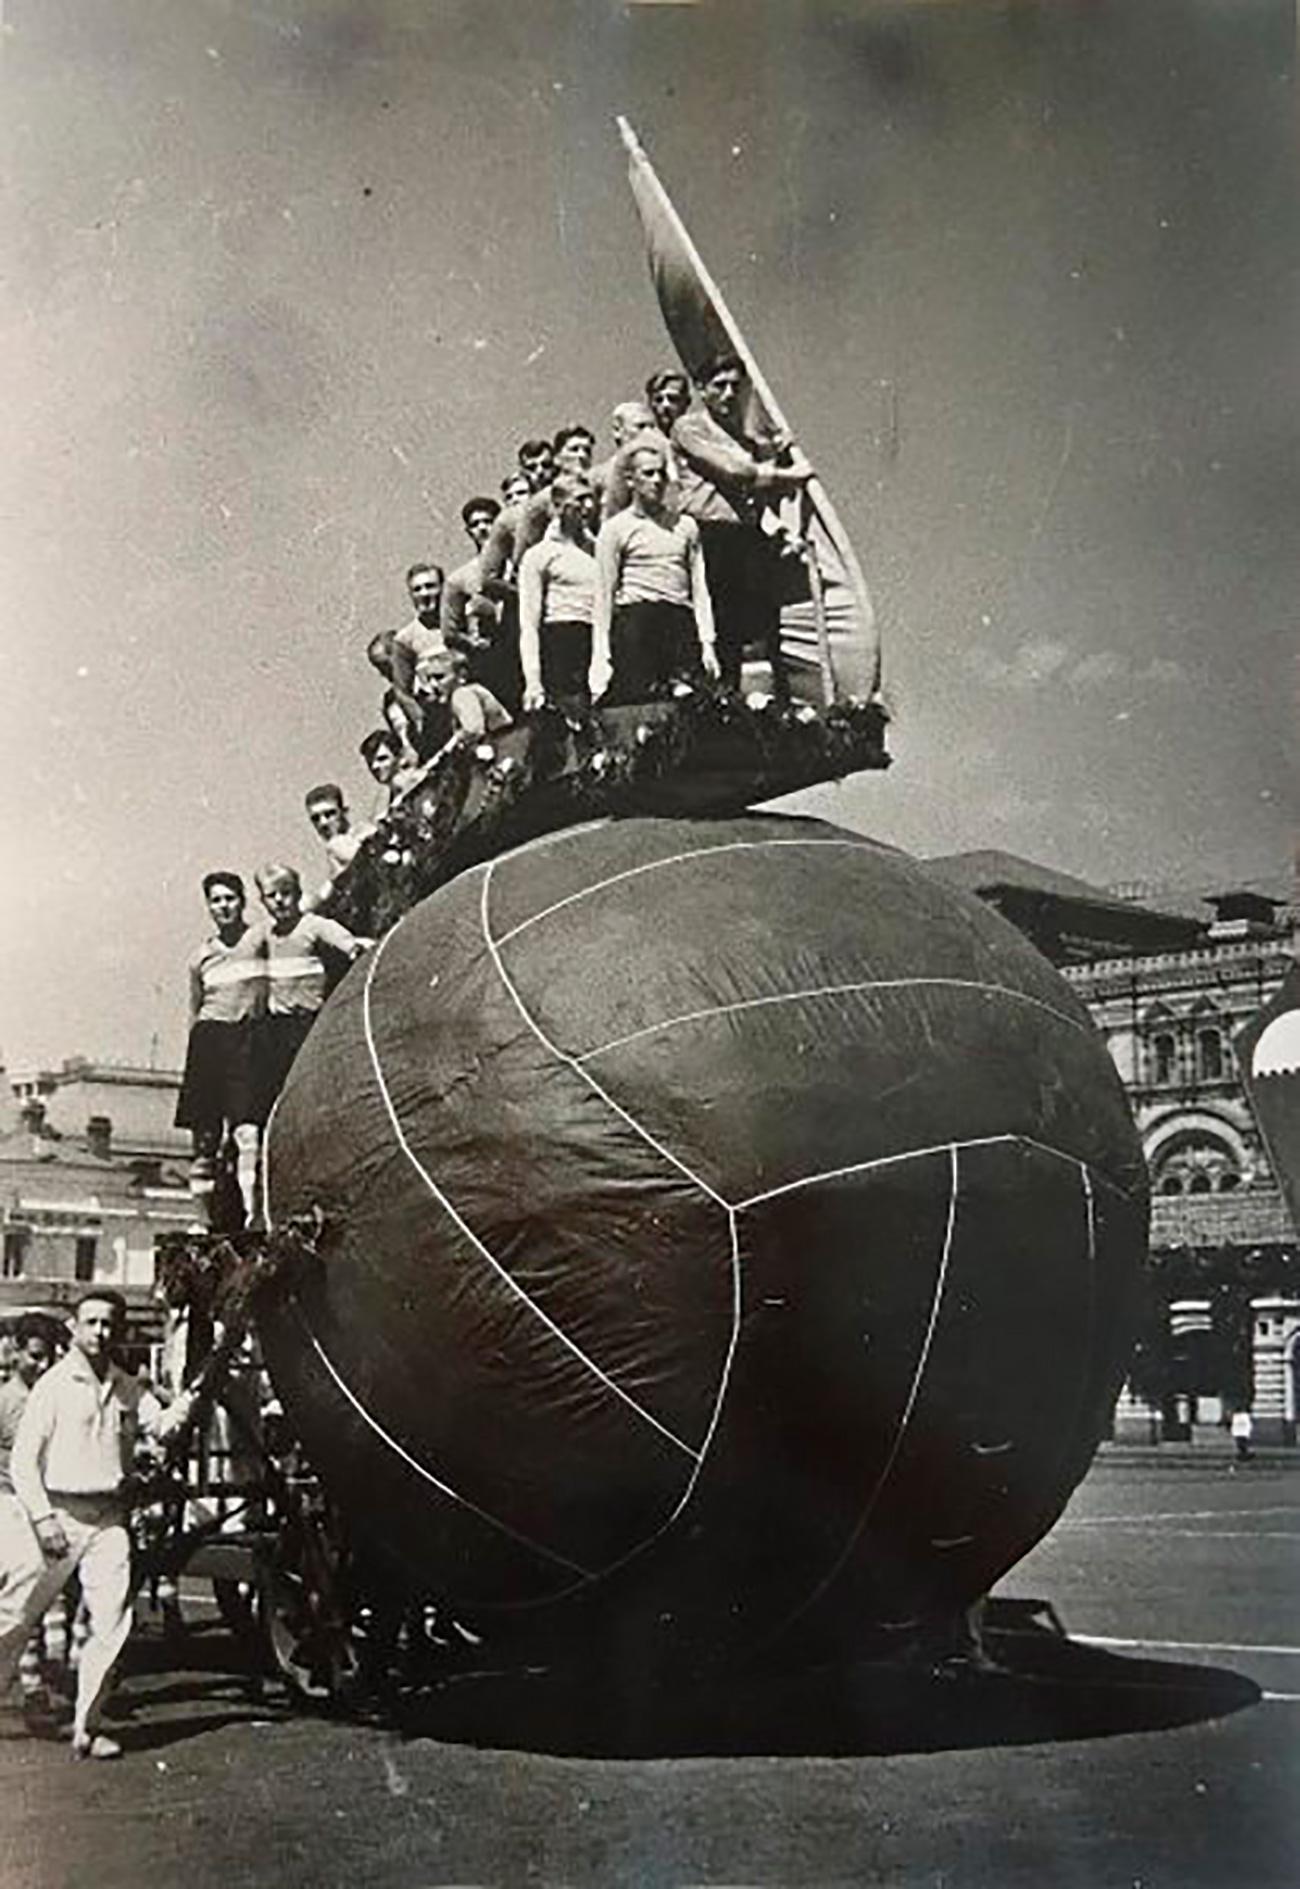 Alle parate aderivano tutte le repubbliche sovietiche: si marciava in lunghe colonne, vestendo divise e sventolando bandiere